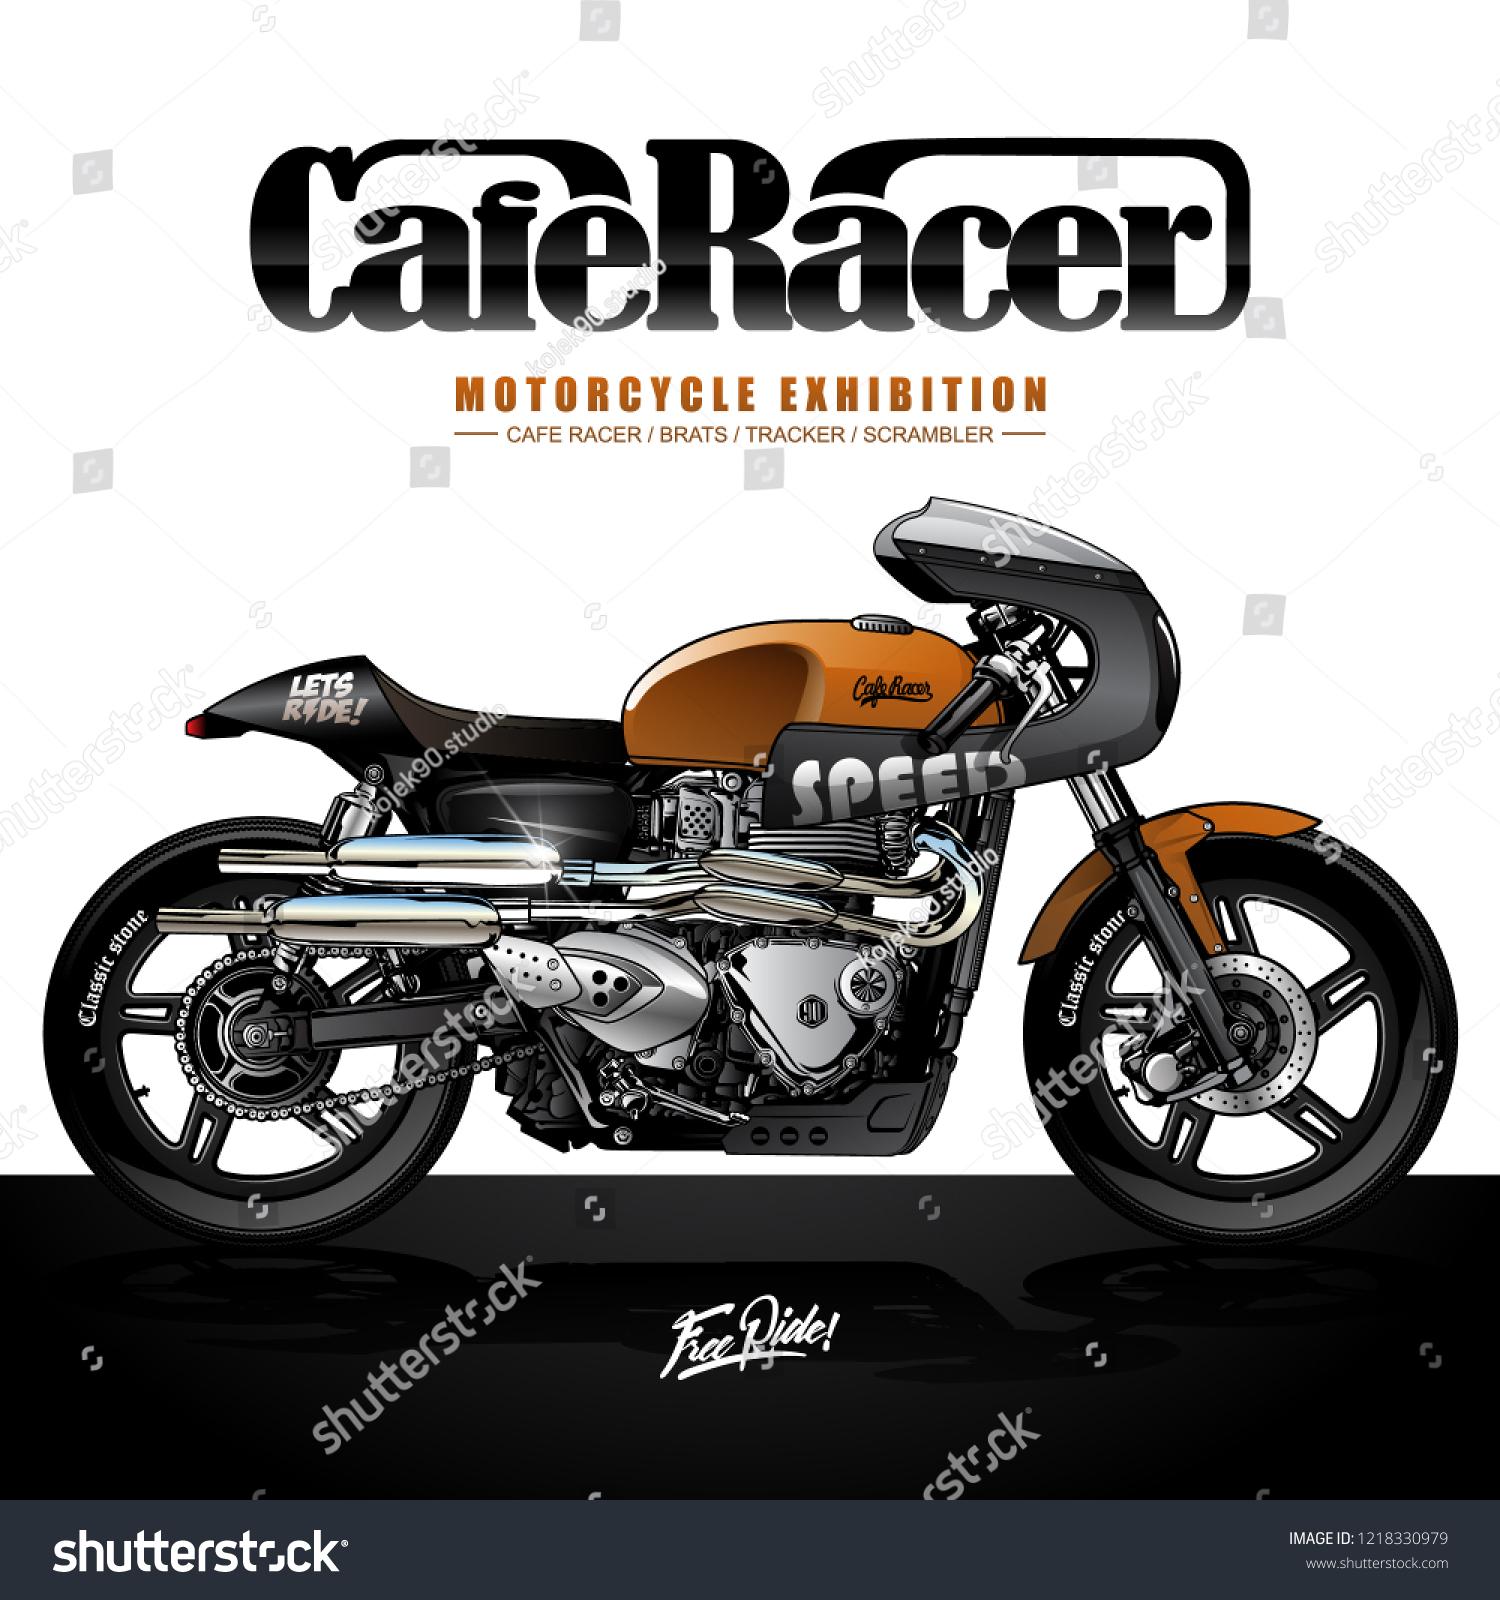 Vector De Stock Libre De Regalias Sobre Vintage Cafe Racer Poster Design1218330979